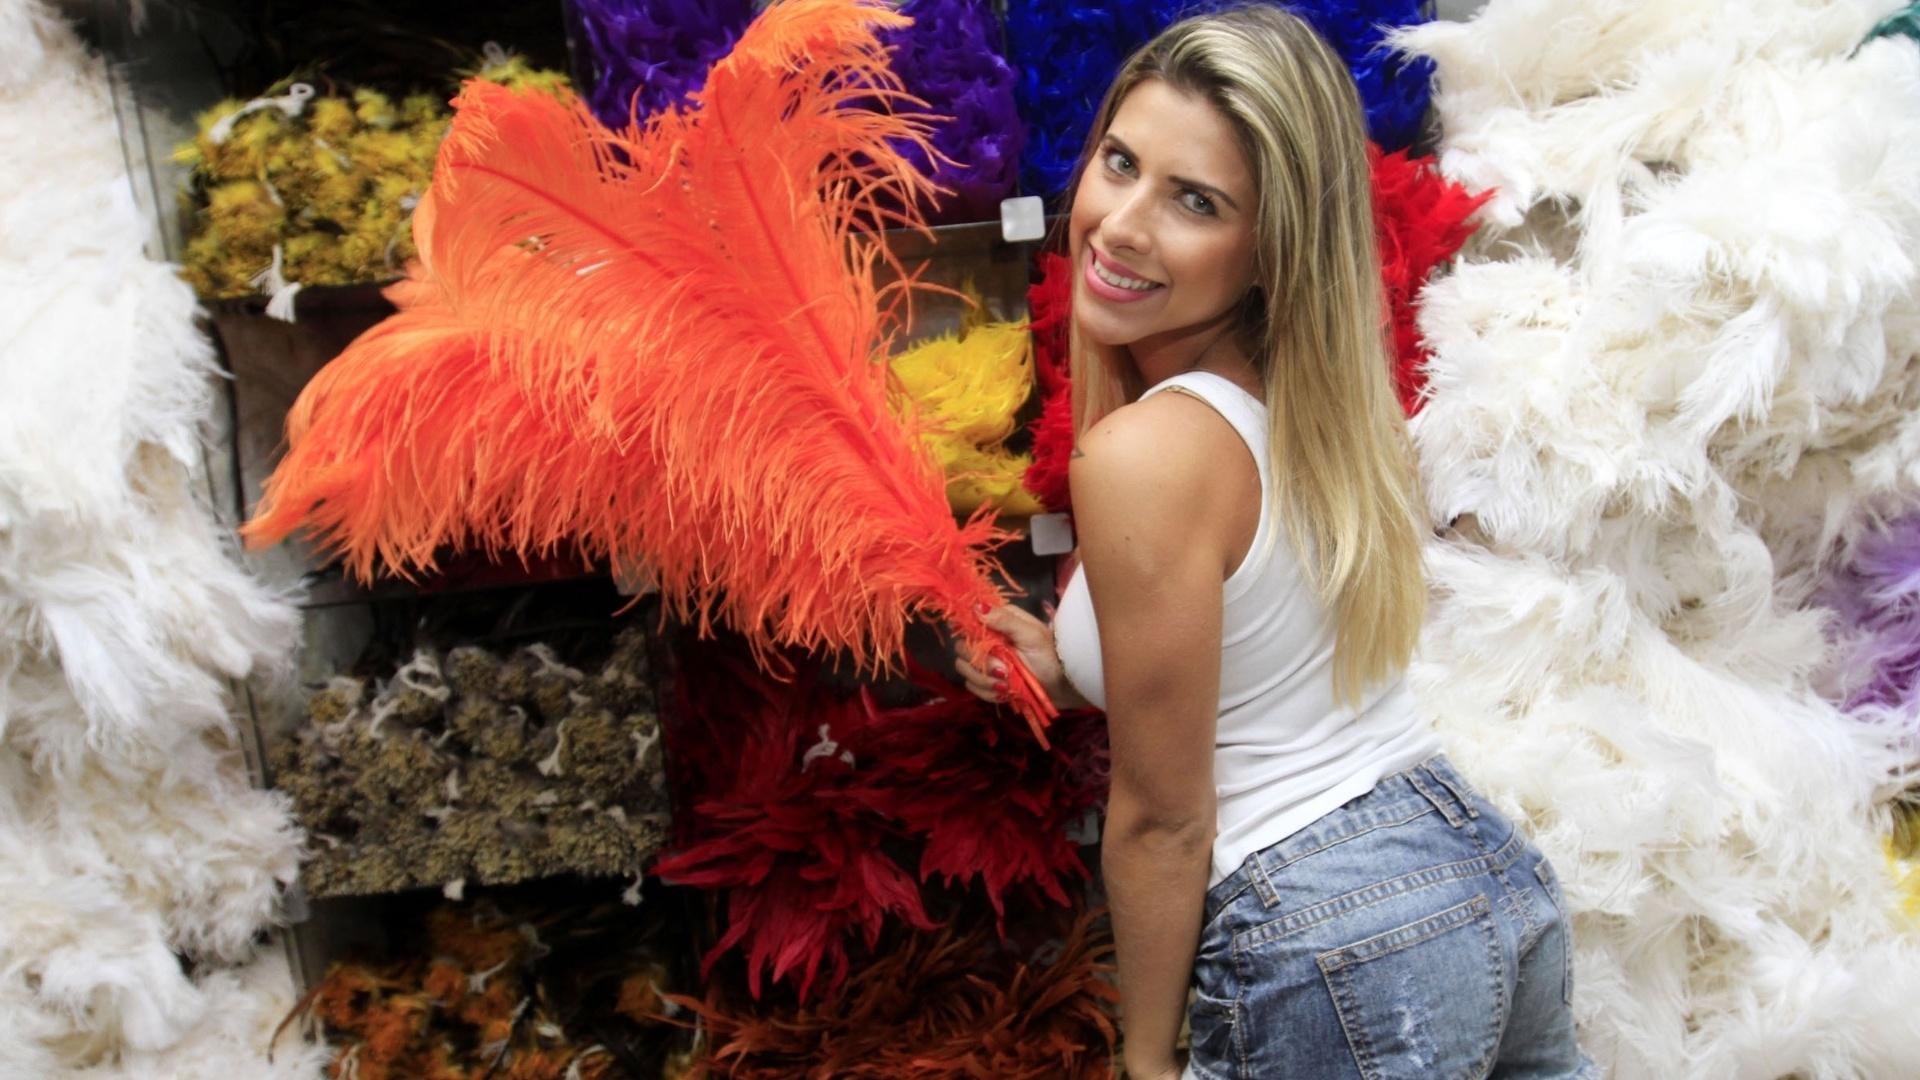 21.jan.2013Musa da Gaviões da Fiel, Ana Paula Minerato, visitou uma loja de artigos carnavalescos nesta segunda-feira